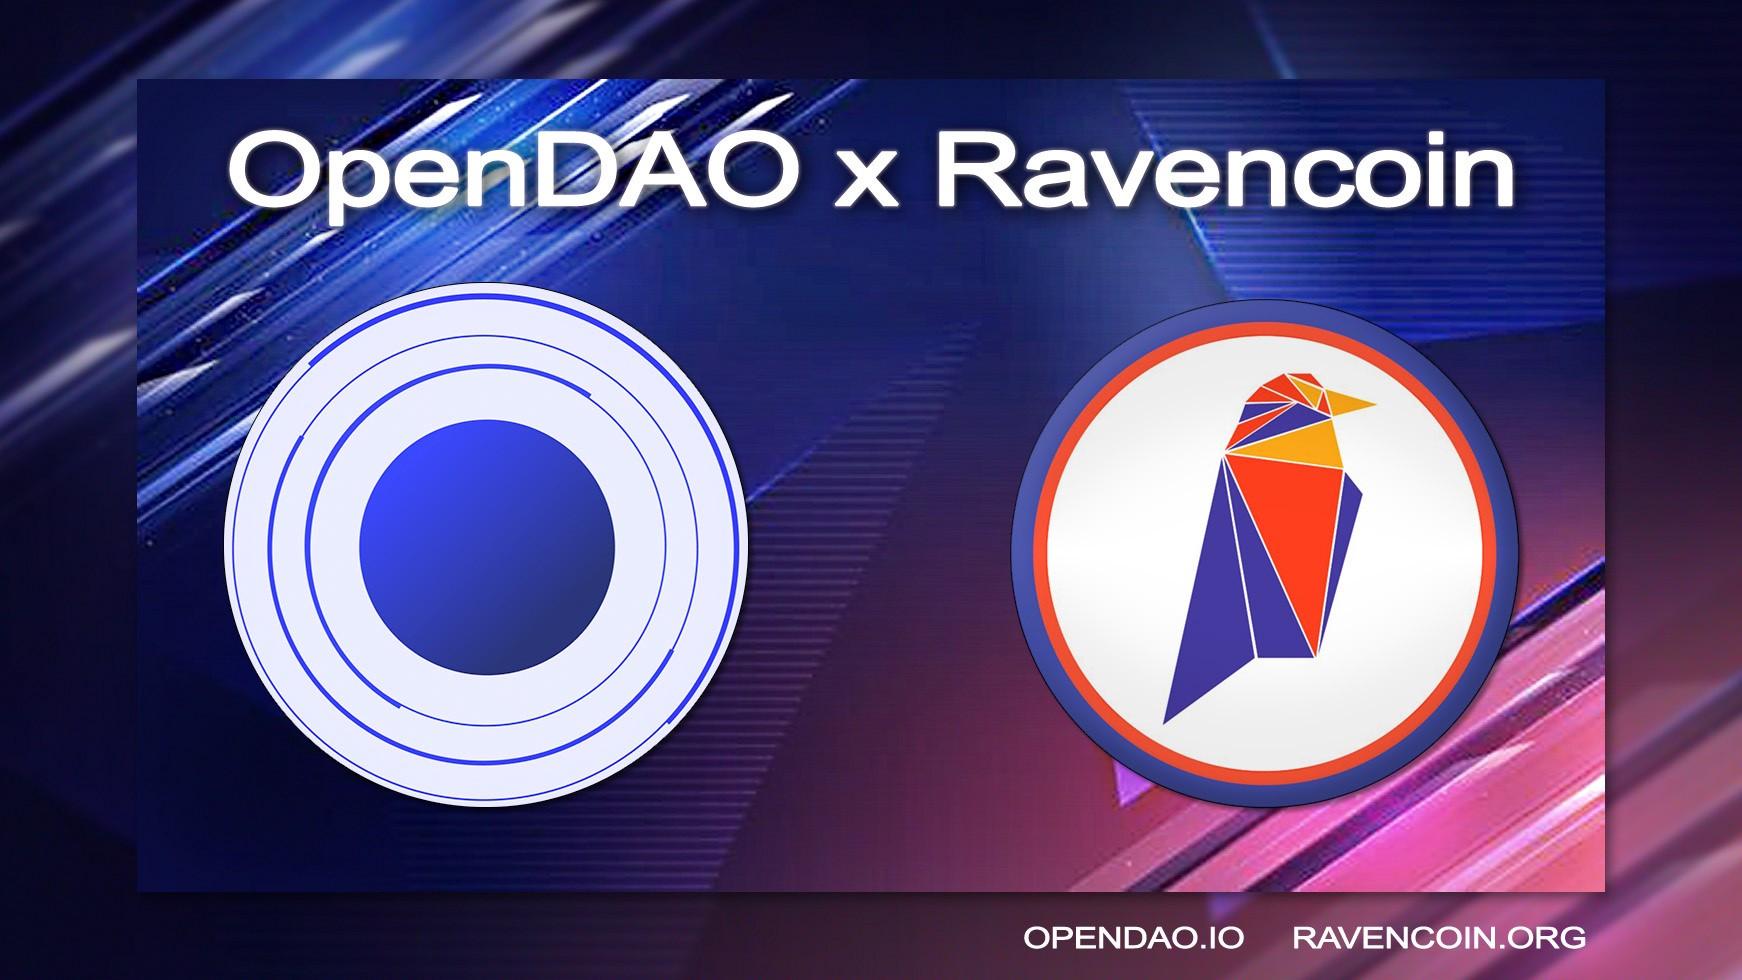 OpenDAO and Ravencoin partnership